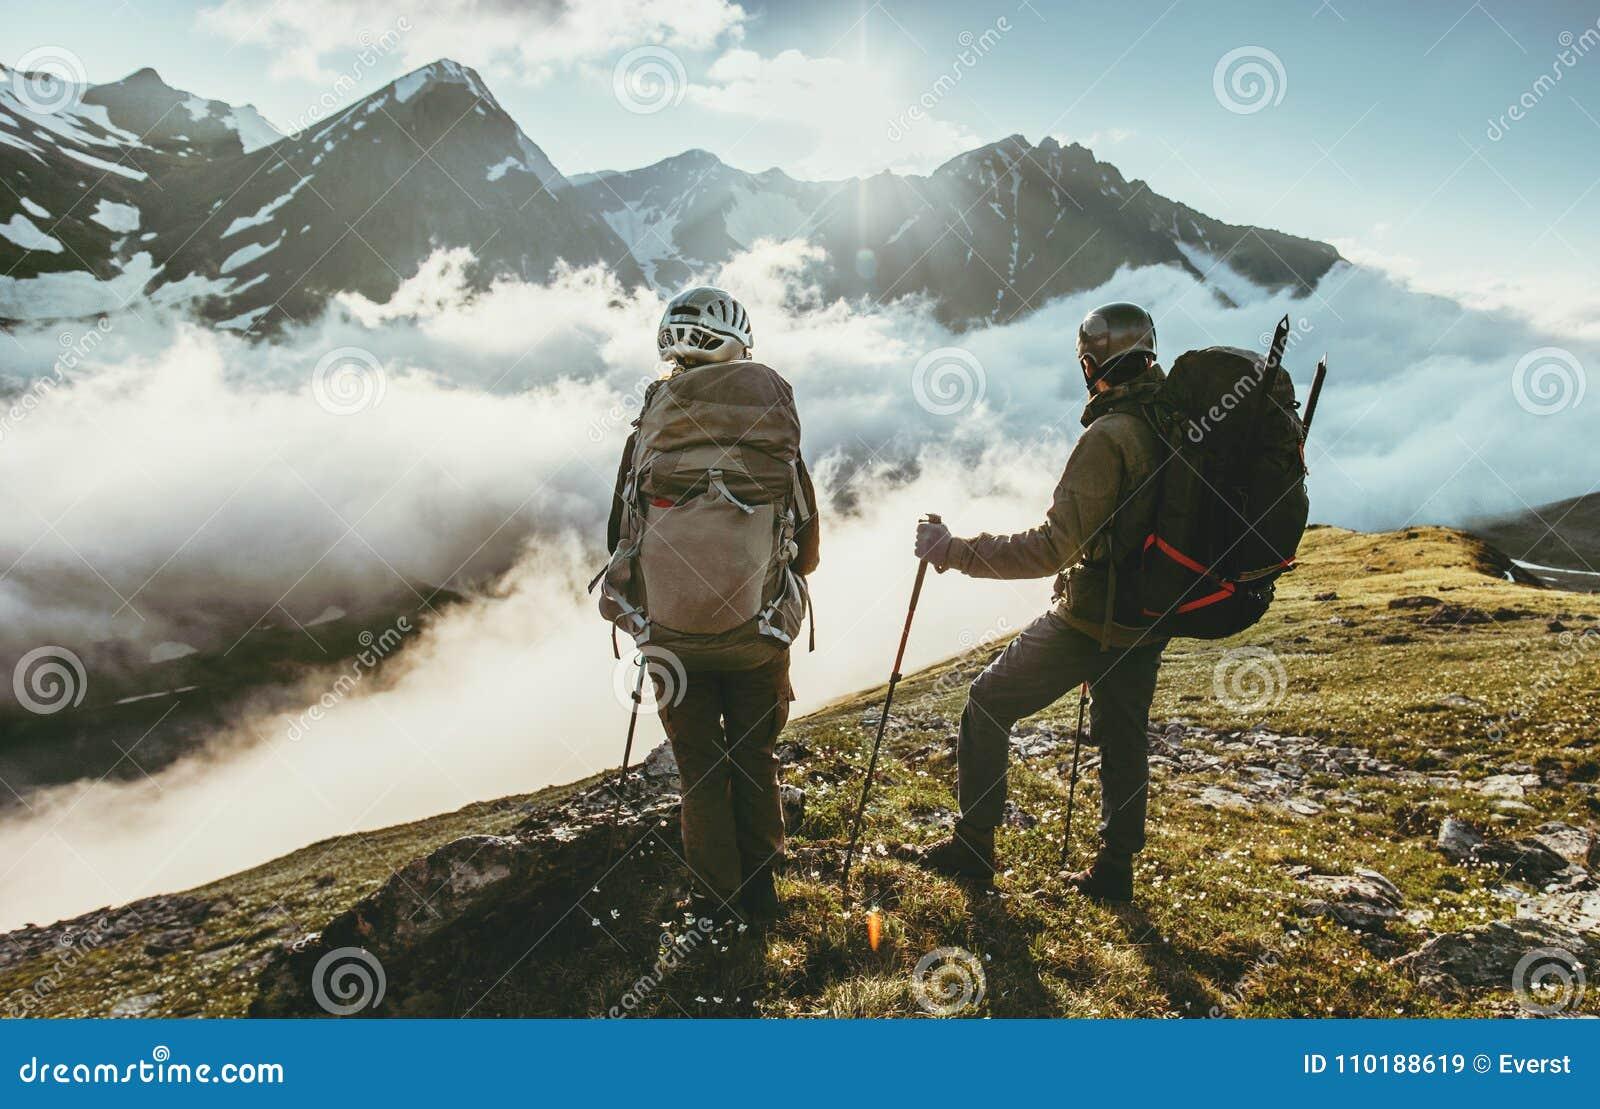 结合山山顶的旅客一起爱并且旅行生活方式